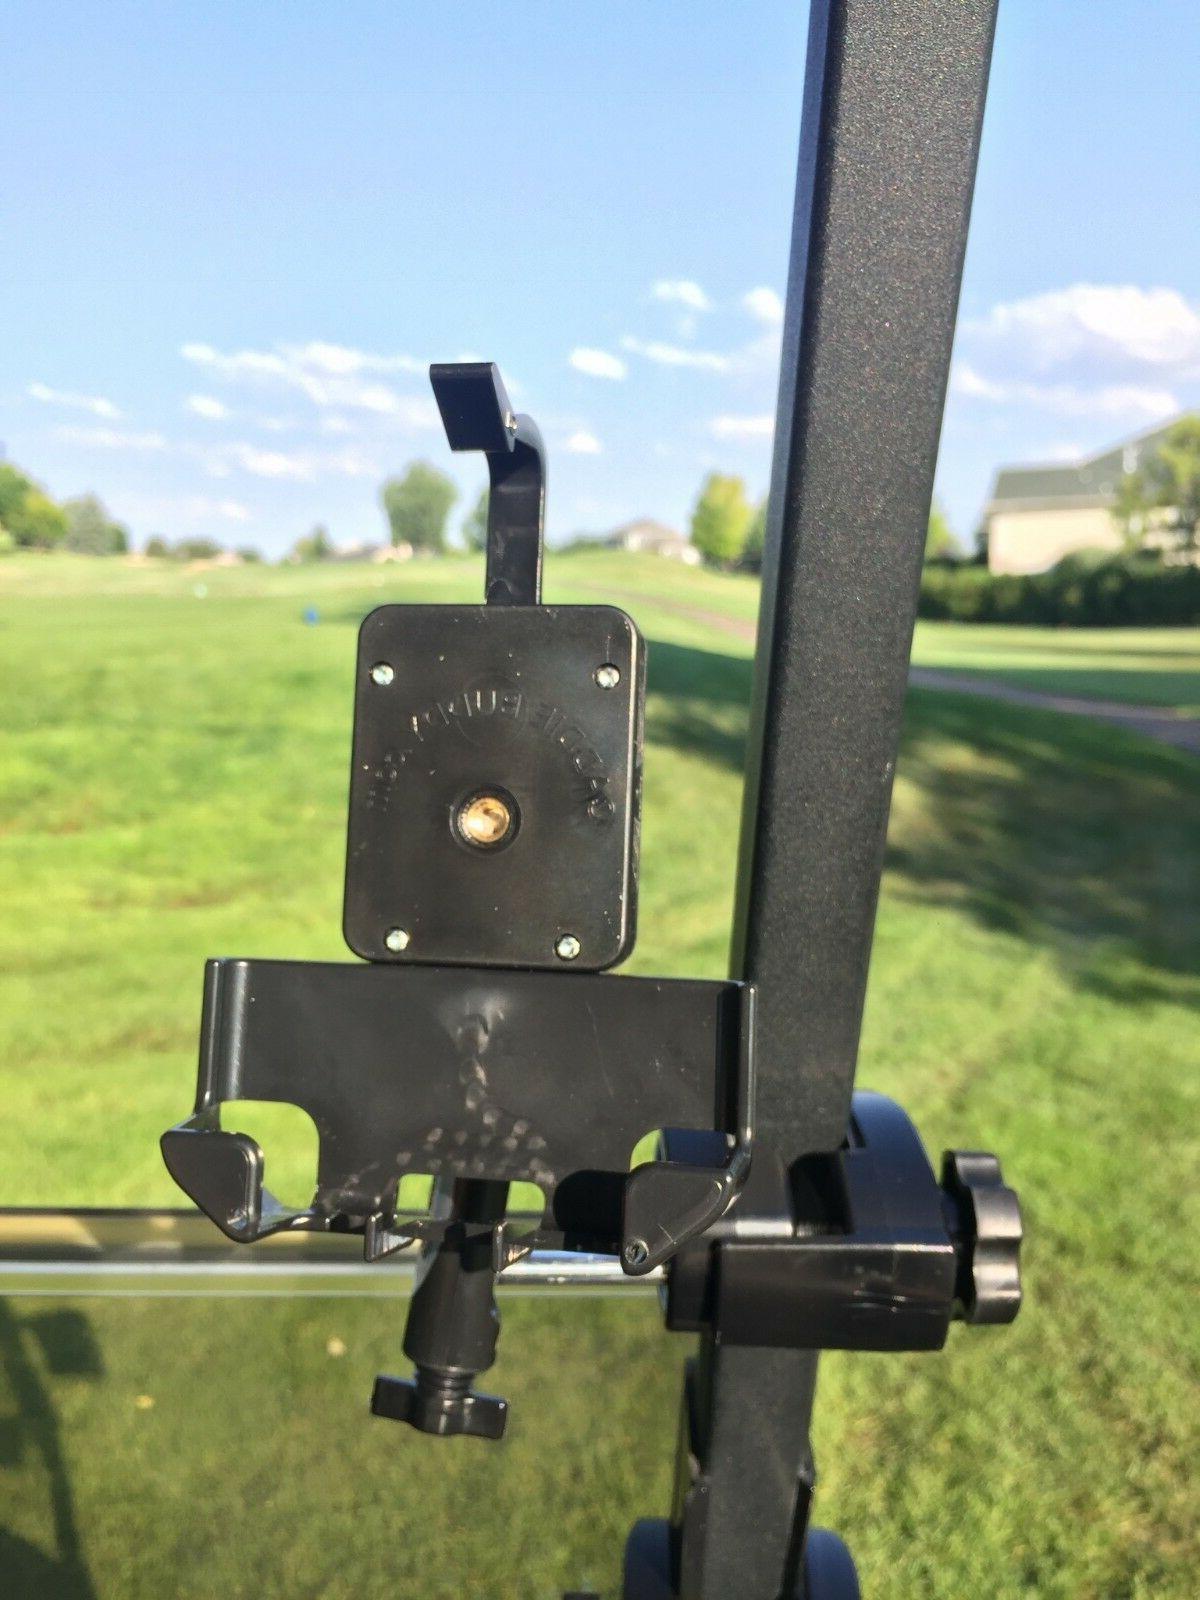 Golf Mount/Holder for SkyCaddie SX500